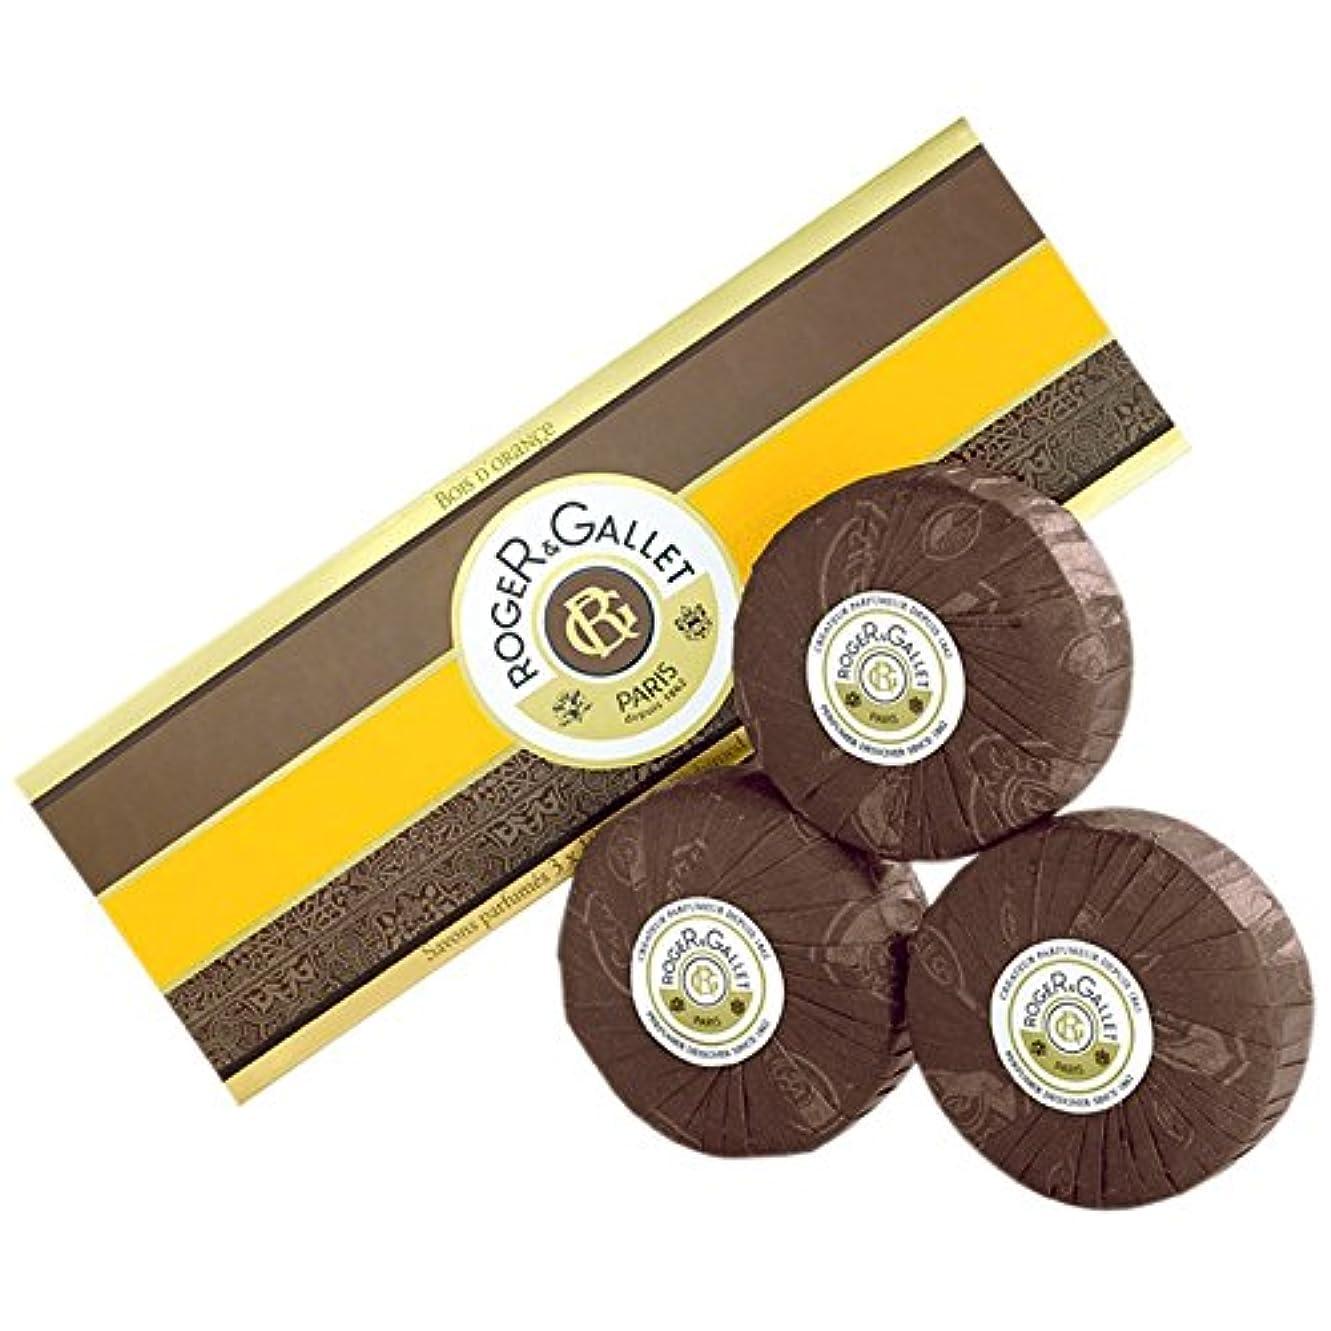 土曜日比較的転倒ロジャー&GalletのBoisのドールオレンジソープ3つのX 100グラム (Roger & Gallet) (x2) - Roger & Gallet Bois D'Orange Soap 3 x 100g (Pack...